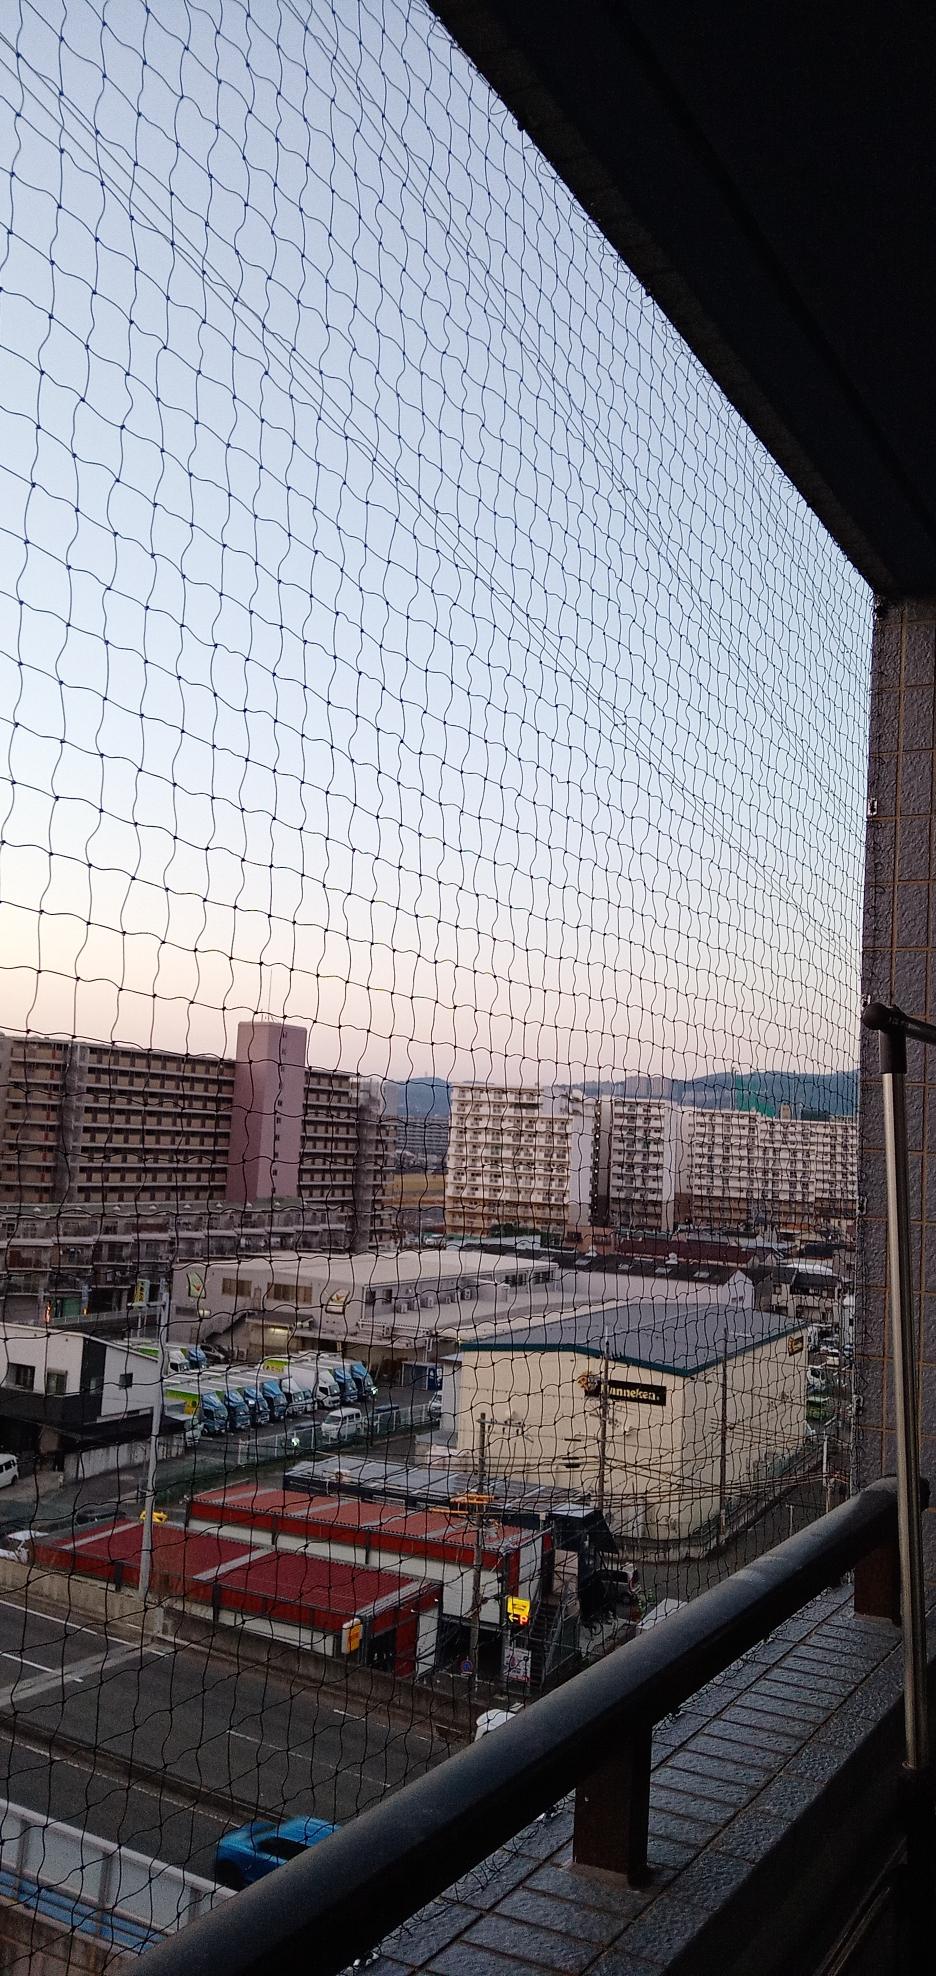 伊丹市での鳩よけネット施行